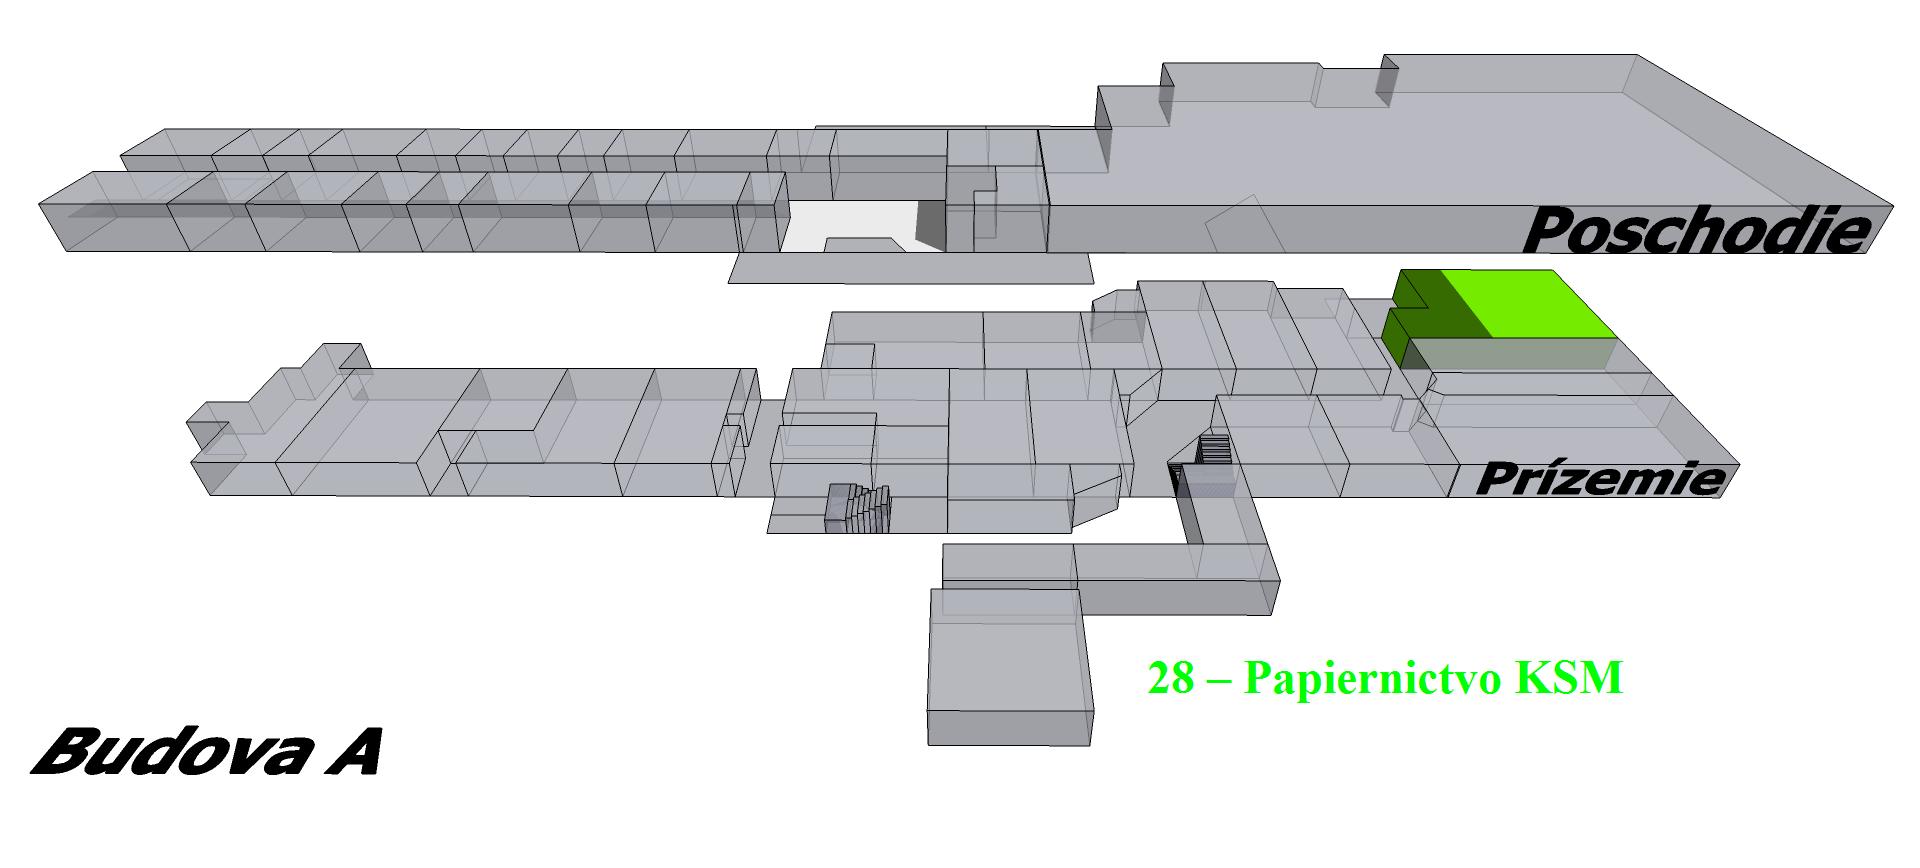 28_Papiernictvo_KSM_budova_A_prízemie_s_u